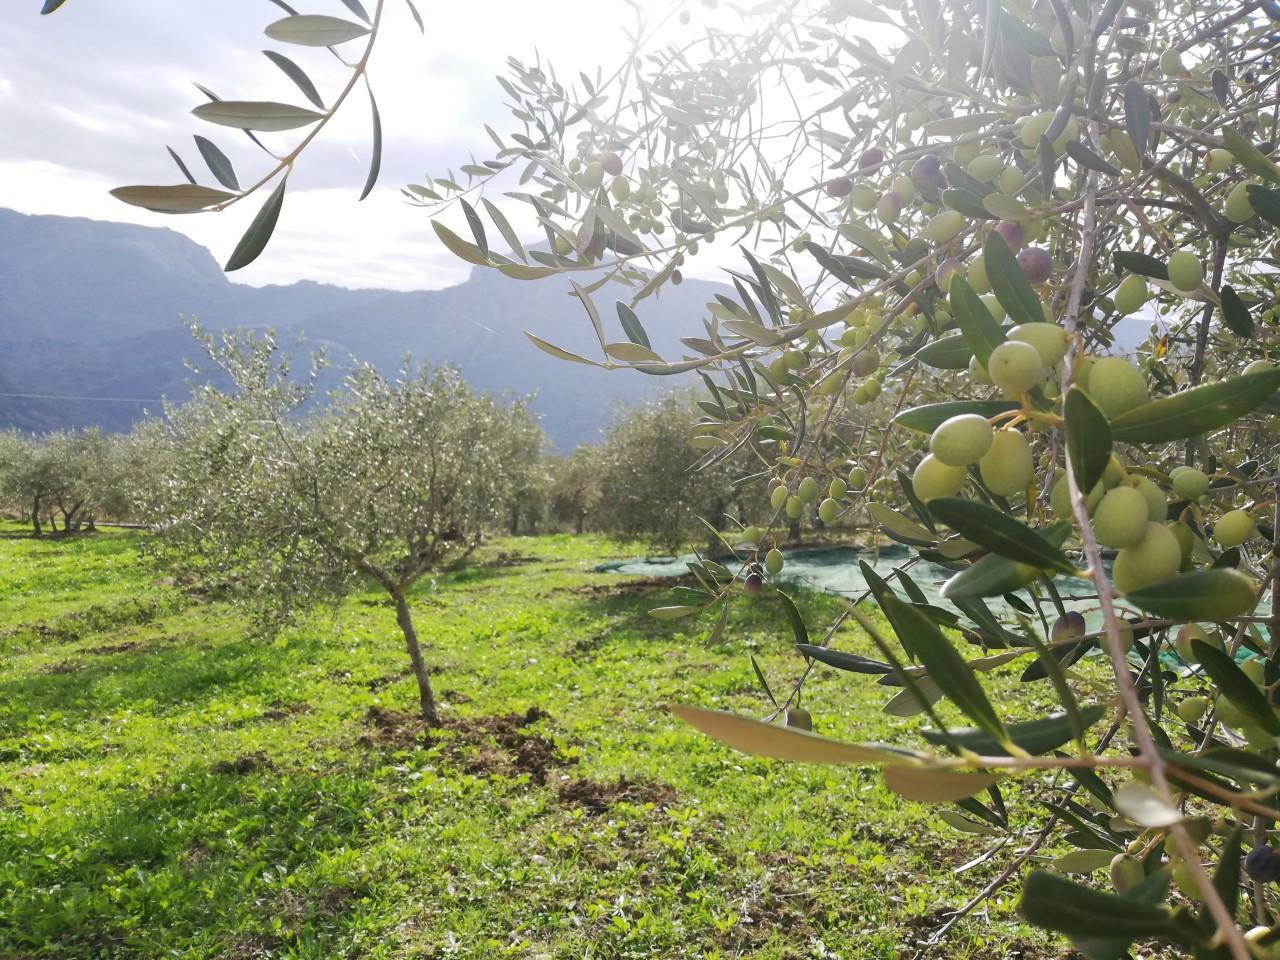 Camminata fra gli ulivi